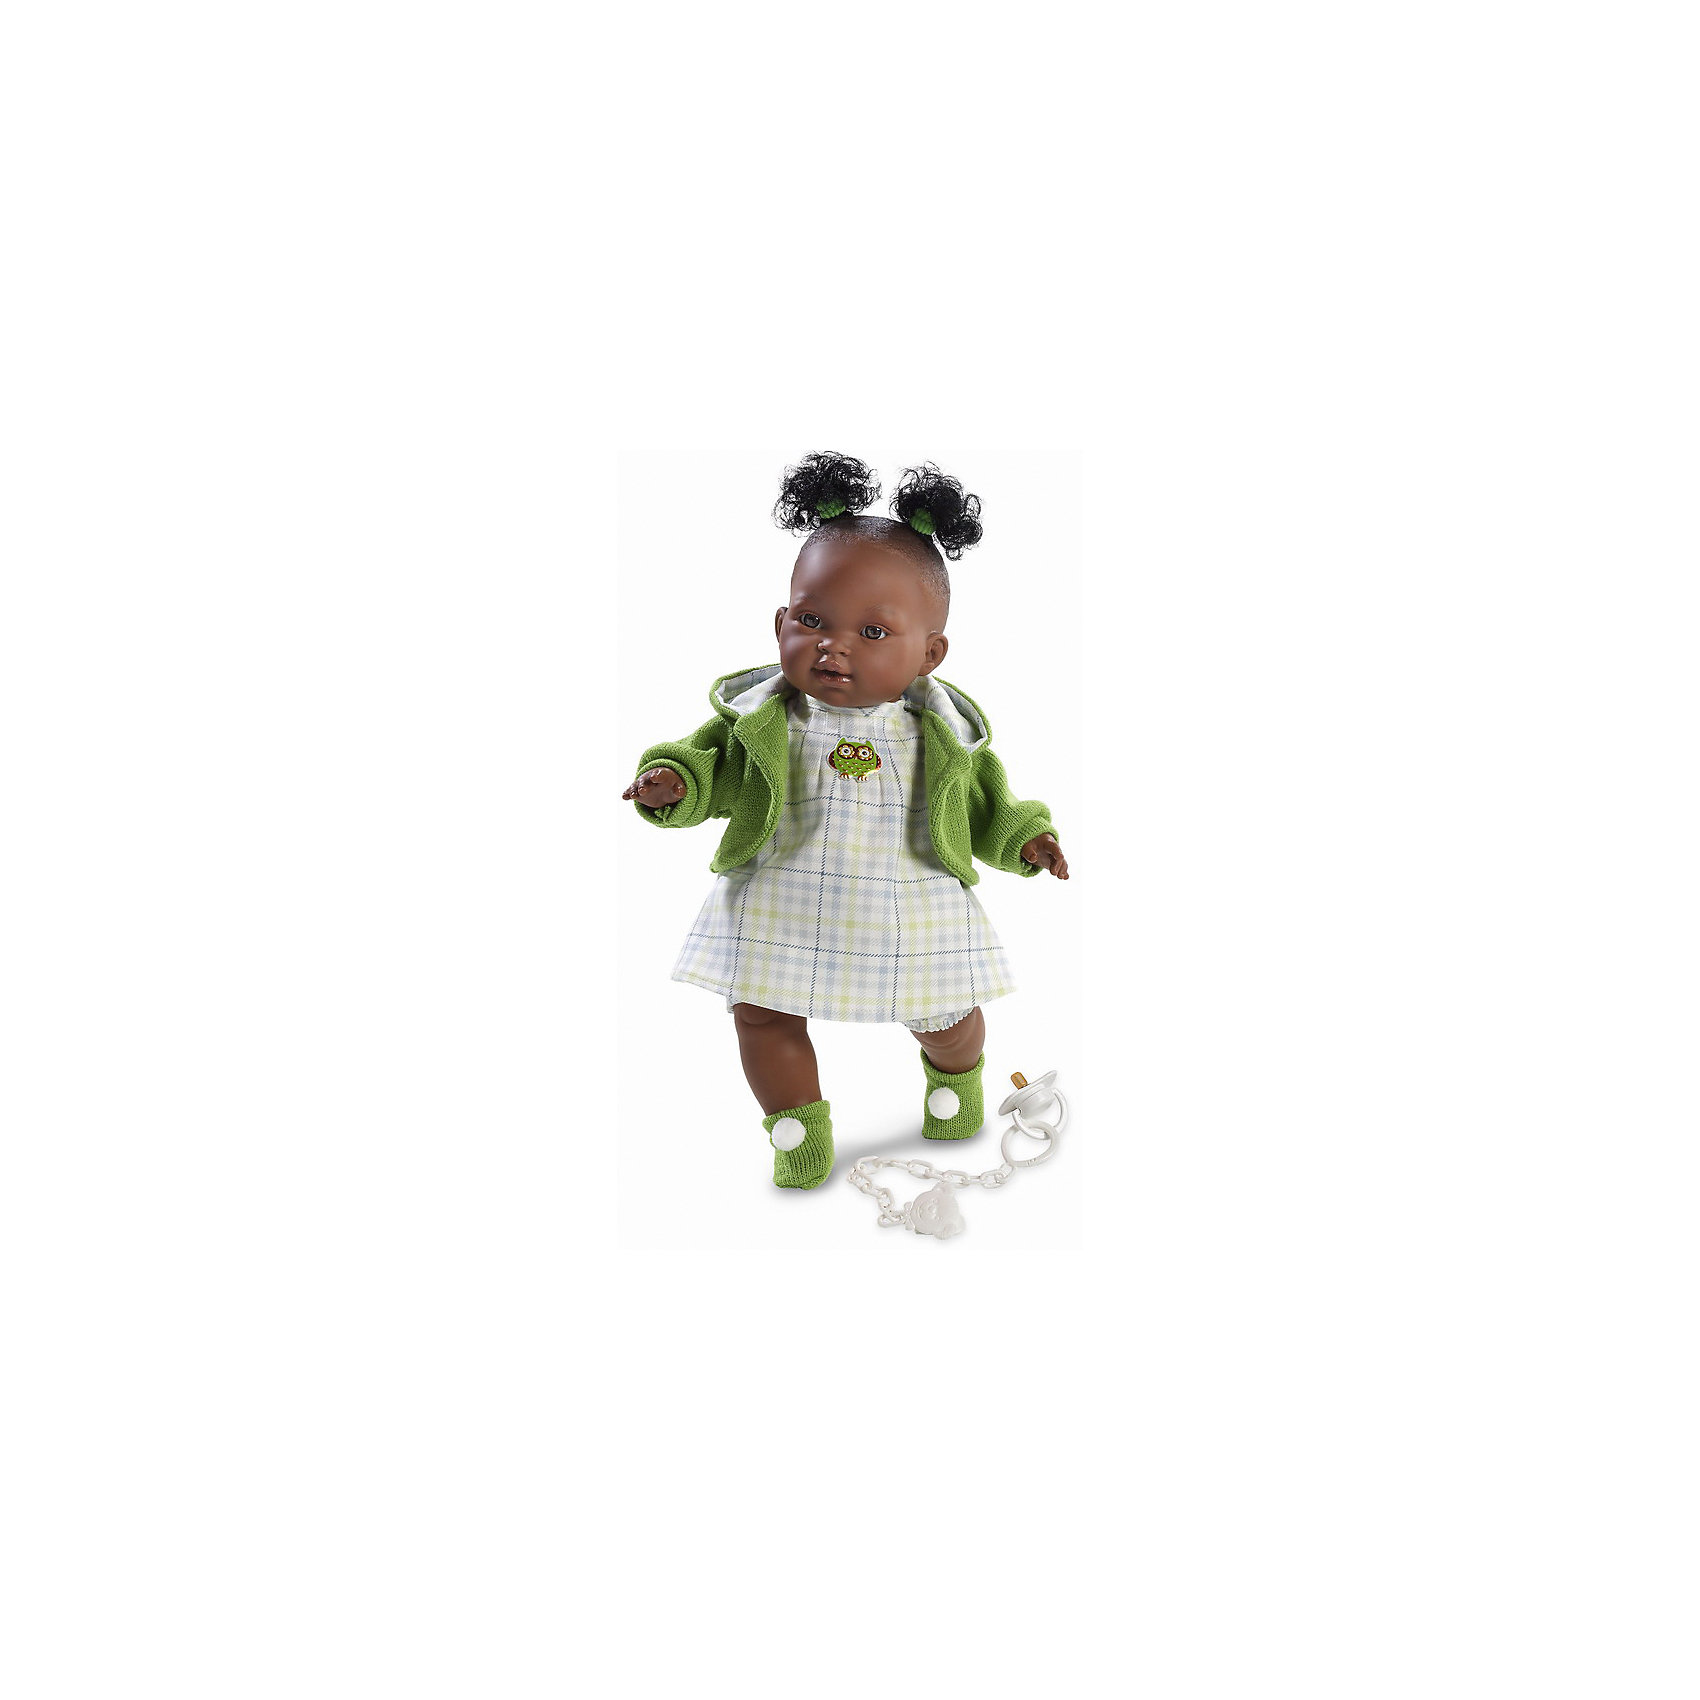 Кукла Эдис, 38 см, LlorensКлассические куклы<br>Характеристики:<br><br>• Предназначение: для сюжетно-ролевых игр<br>• Тип куклы: мягконабивная<br>• Пол куклы: девочка <br>• Цвет волос: черный<br>• Материал: поливинилхлорид, пластик, нейлон, текстиль<br>• Цвет: белый, зеленый<br>• Высота куклы: 38 см<br>• Комплектация: кукла, платье, флисовая курточка с капюшоном, пинетки, пустышка на цепочке<br>• Вес: 1 кг 050 г<br>• Размеры упаковки (Д*В*Ш): 23*45*12 см<br>• Упаковка: подарочная картонная коробка <br>• Особенности ухода: допускается деликатная стирка без использования красящих и отбеливающих средств предметов одежды куклы<br><br>Кукла Эдис 38 см без звука – кукла, производителем которого является всемирно известный испанский кукольный бренд Llorens. Куклы этой торговой марки имеют свою неповторимую внешность и целую линейку образов как пупсов, так и кукол-малышей. Игрушки выполнены из сочетания поливинилхлорида и пластика, что позволяет с высокой долей достоверности воссоздать физиологические и мимические особенности маленьких детей. При изготовлении кукол Llorens используются только сертифицированные материалы, безопасные и не вызывающие аллергических реакций. Волосы у кукол отличаются густотой, шелковистостью и блеском, при расчесывании они не выпадают и не ломаются.<br>Кукла Эдис 38 см без звука выполнена в образе очаровательной малышки-афроамериканки: у куклы черные кудрявые волосы, собранные в два озорных хвостика. В комплект одежды Эдис входит платьице в клетку с аппликацией в виде совушки, флисовая курточка зеленого цвета и пинетки с помпонами. У малышки имеется соска на цепочке-держателе. <br>Кукла Эдис 38 см без звука – это идеальный вариант для подарка к различным праздникам и торжествам.<br><br>Куклу Эдис 38 см без звука можно купить в нашем интернет-магазине.<br><br>Ширина мм: 23<br>Глубина мм: 45<br>Высота мм: 12<br>Вес г: 1050<br>Возраст от месяцев: 36<br>Возраст до месяцев: 84<br>Пол: Женский<br>Возраст: Детский<br>SKU: 5086911